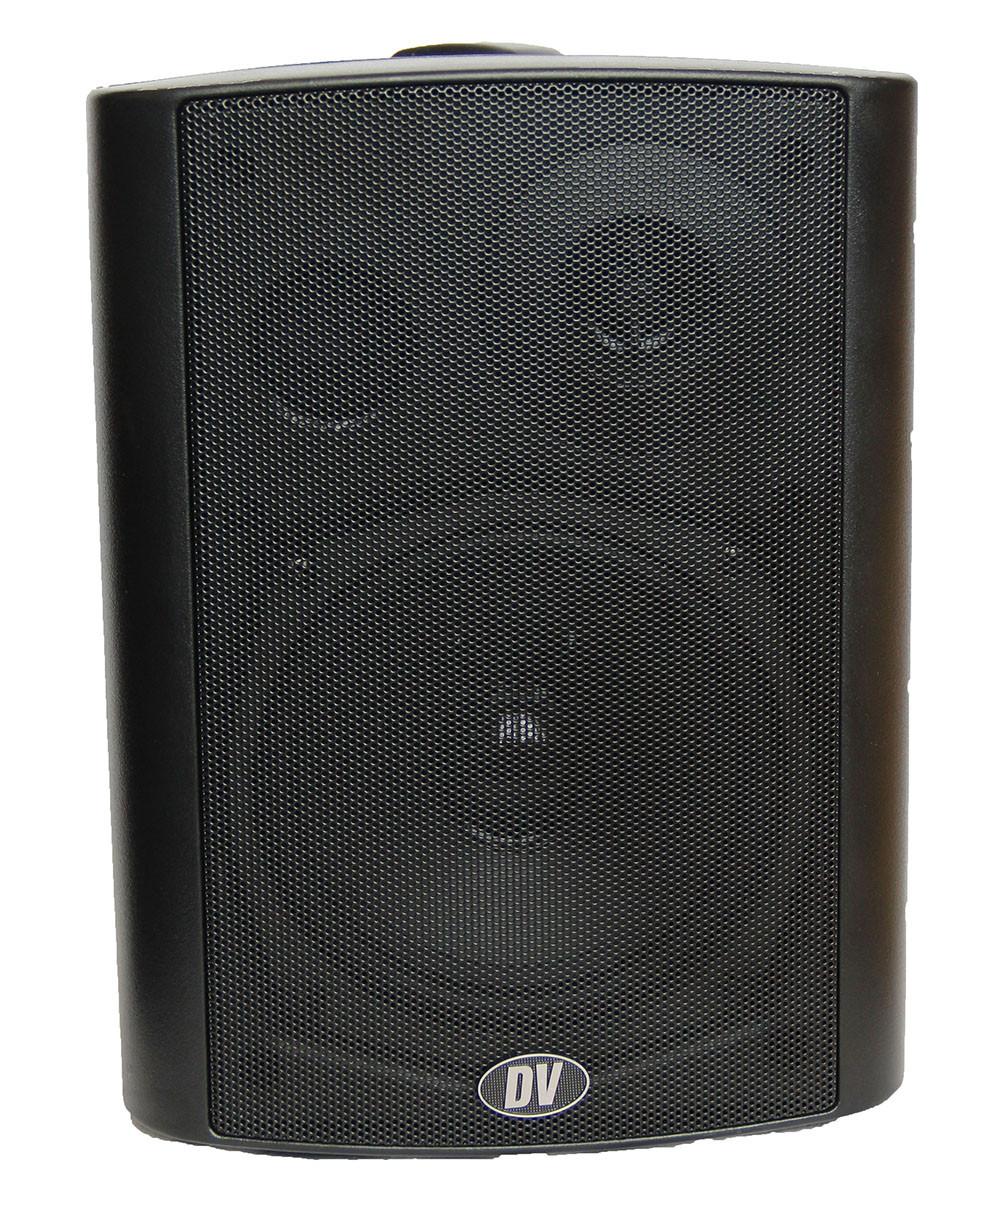 Настенная акустическая система для фонового озвучивания DV audio PB-5.2 T